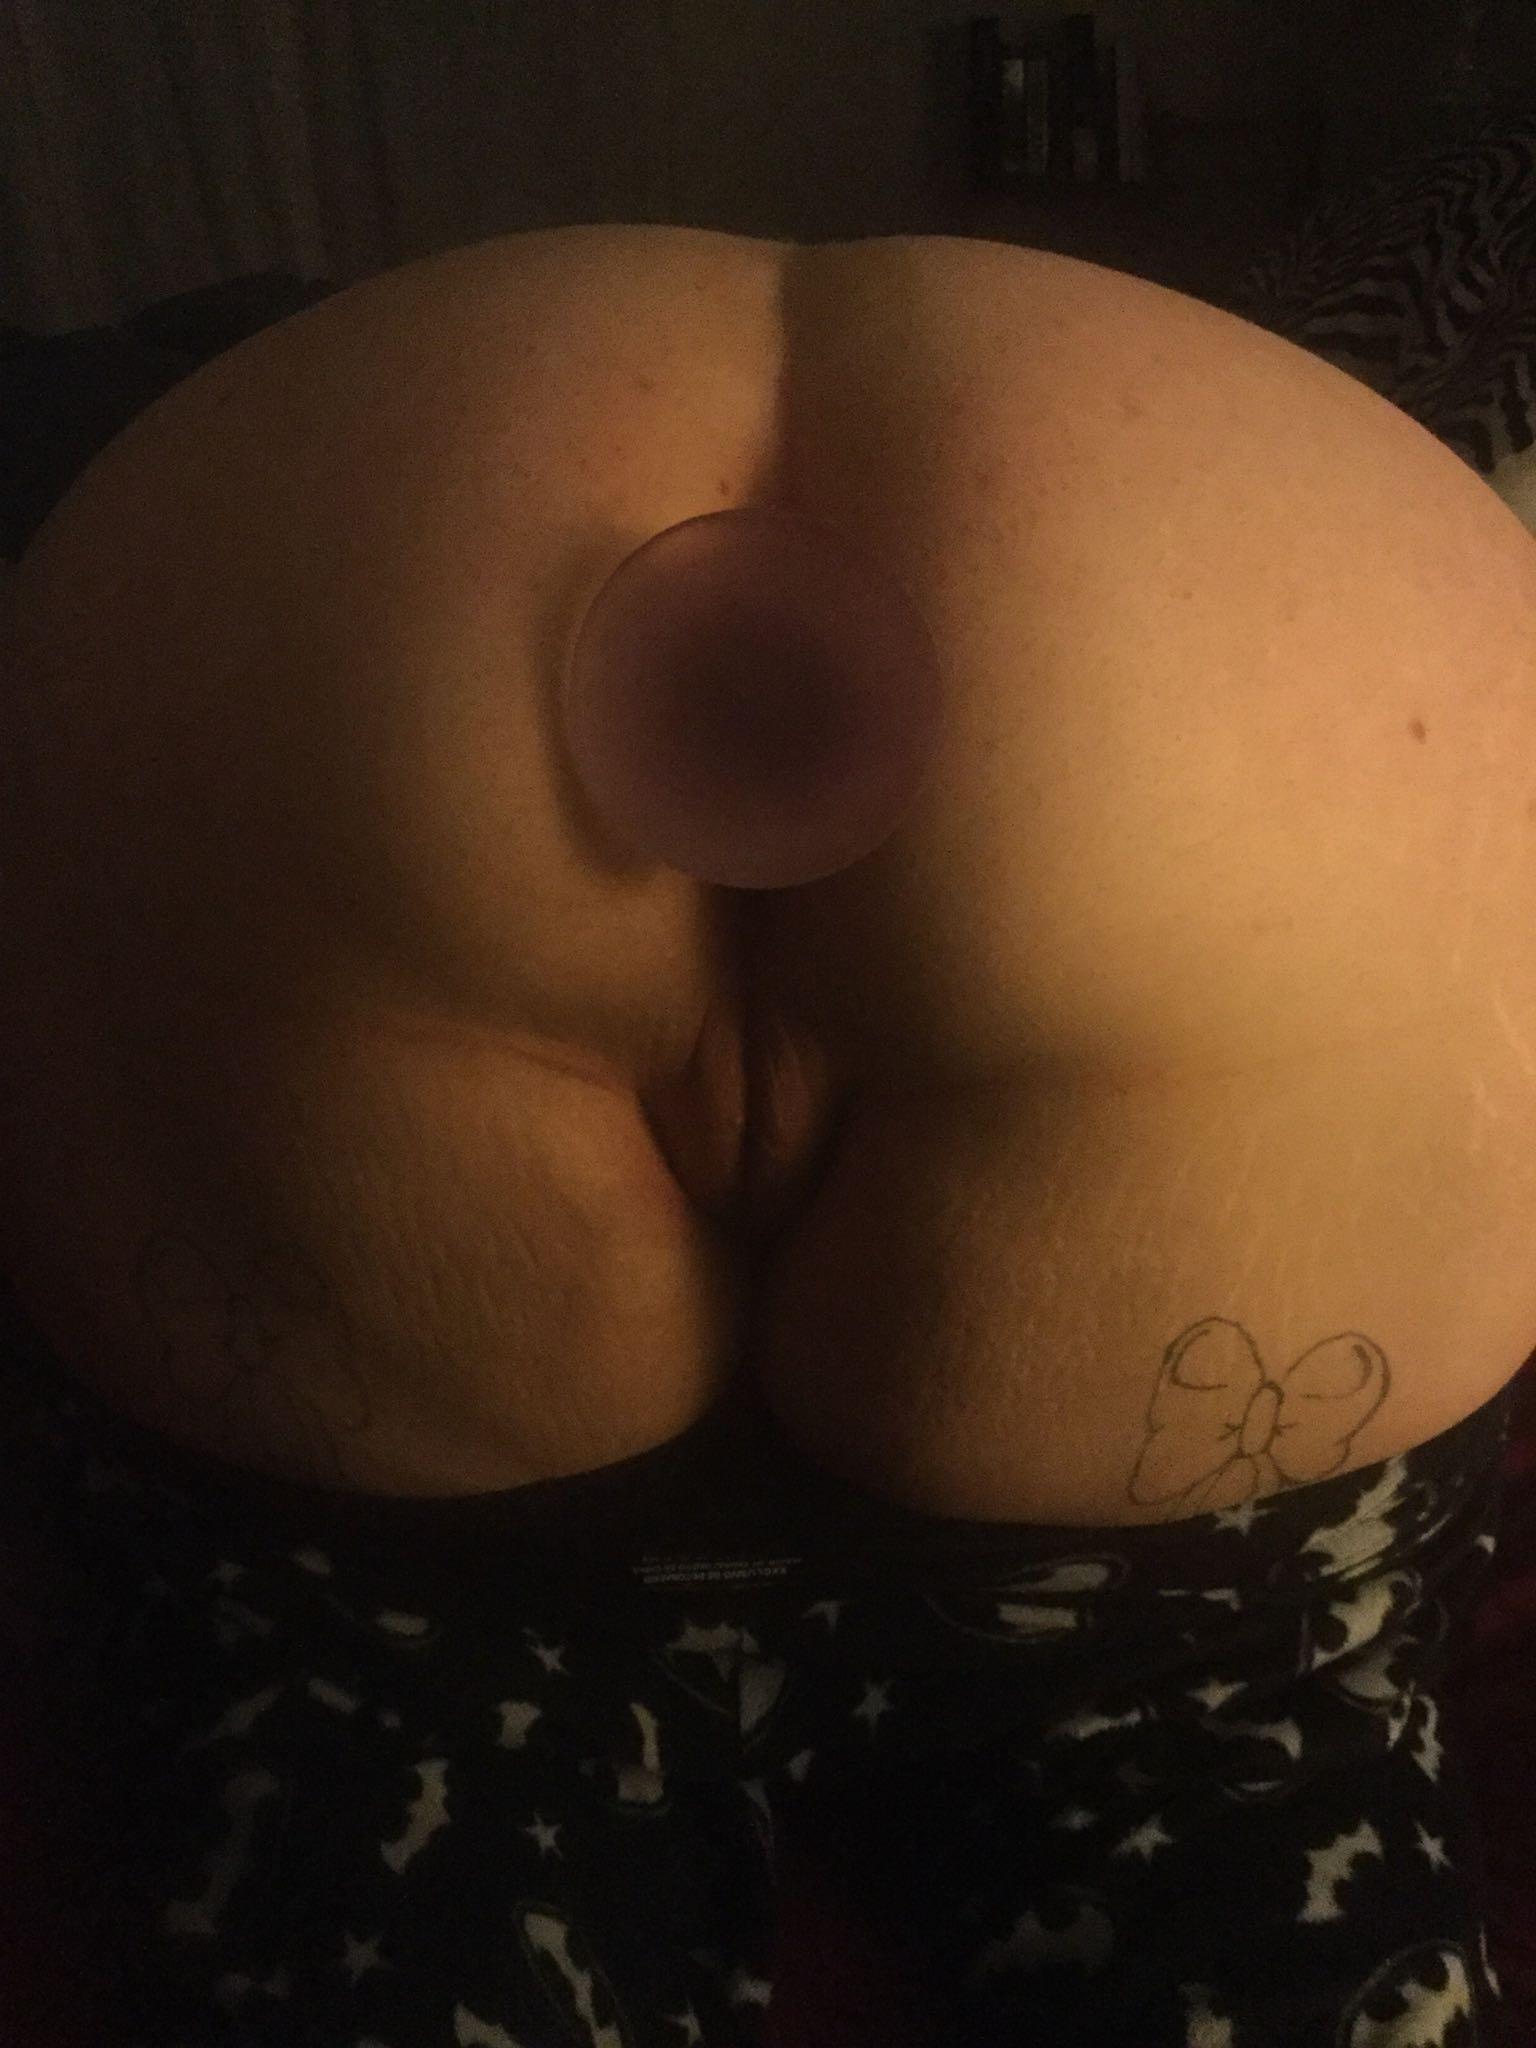 Девушки с анальными пробками в жопах крупным планом секс фото и порно фото